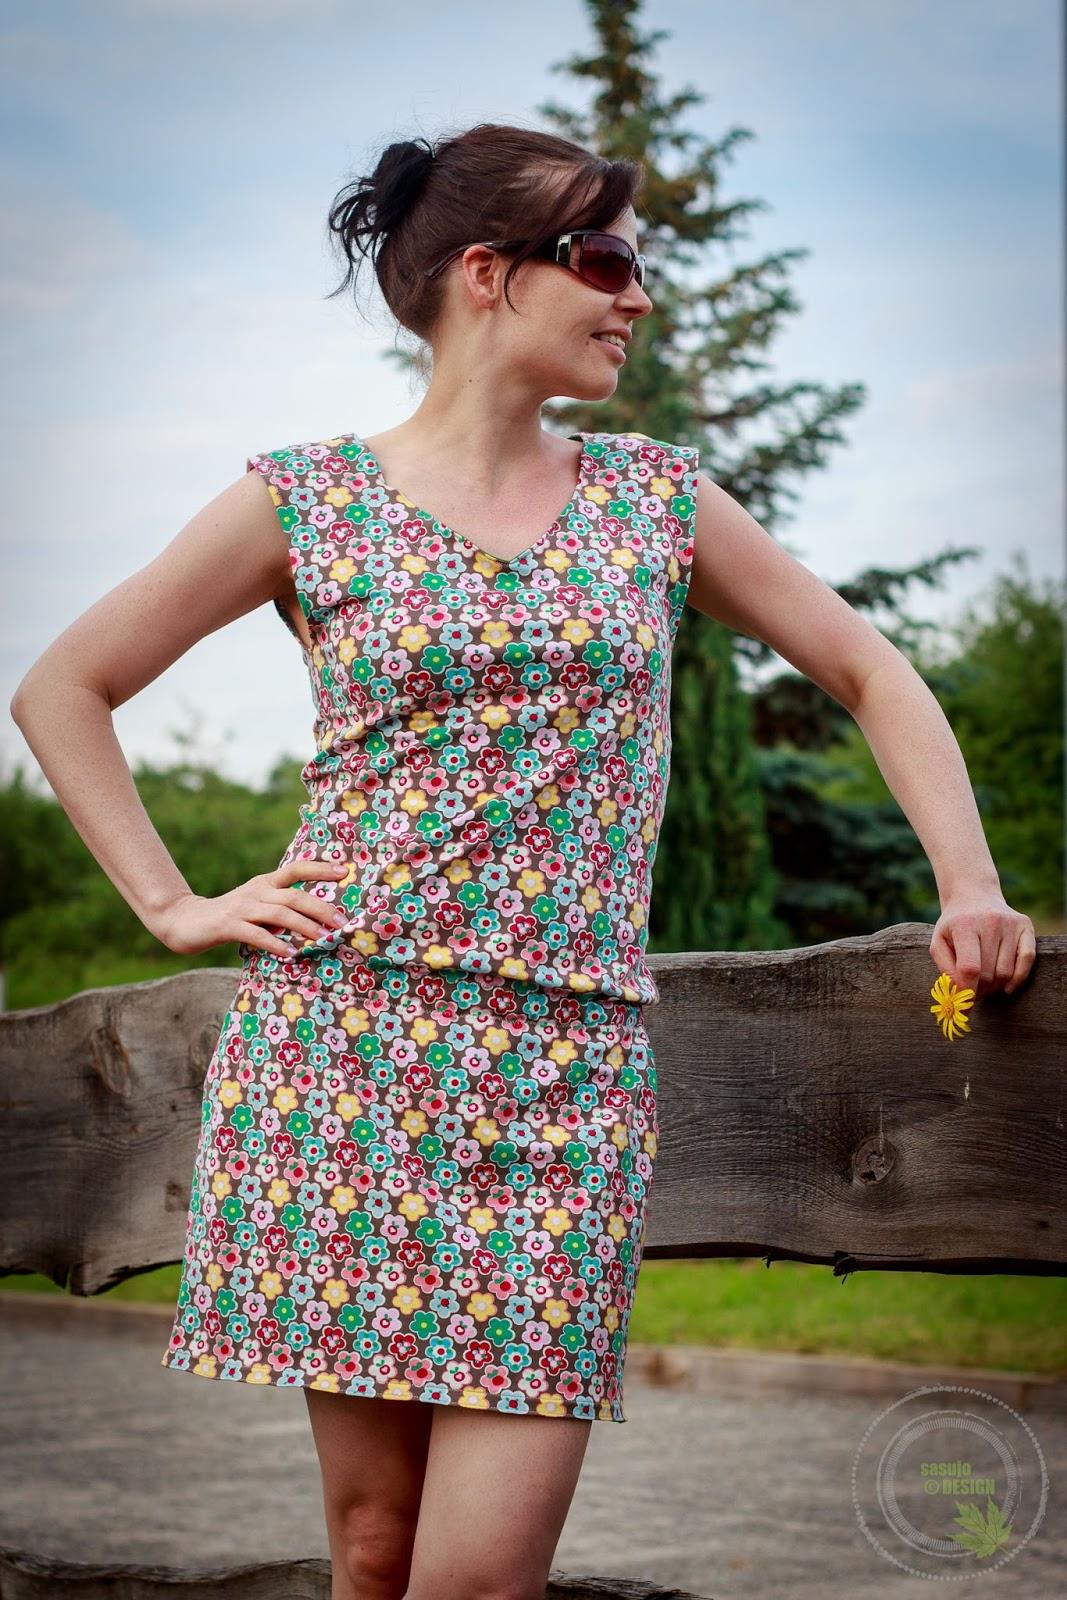 sasujo DESIGN -handmade: Mit dem Strandkleid schick essen gehen